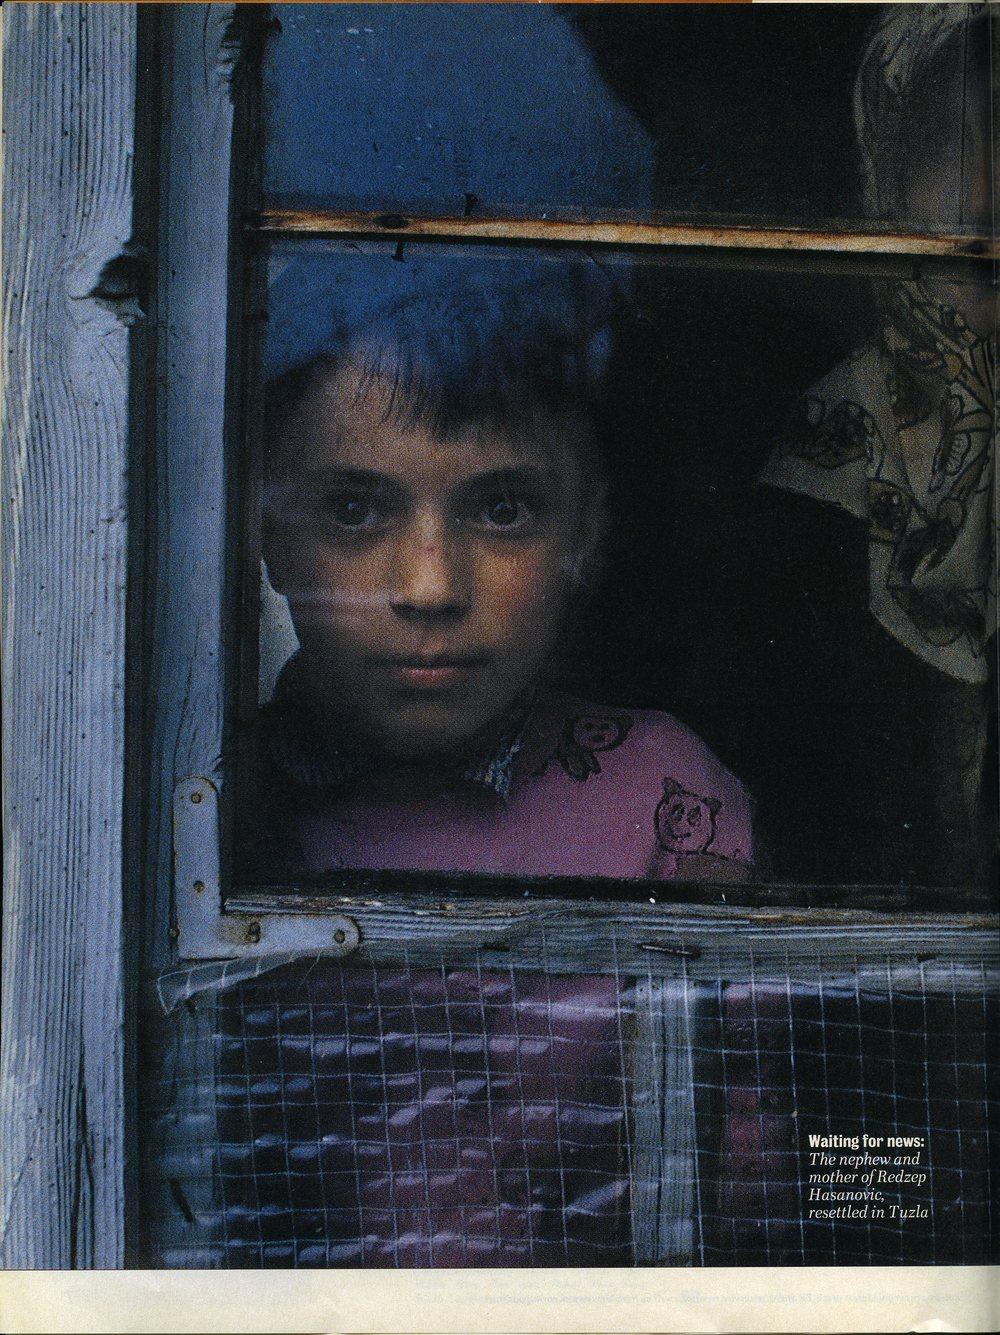 04151996_NEWSWEEK_BOSNIA_1.jpg